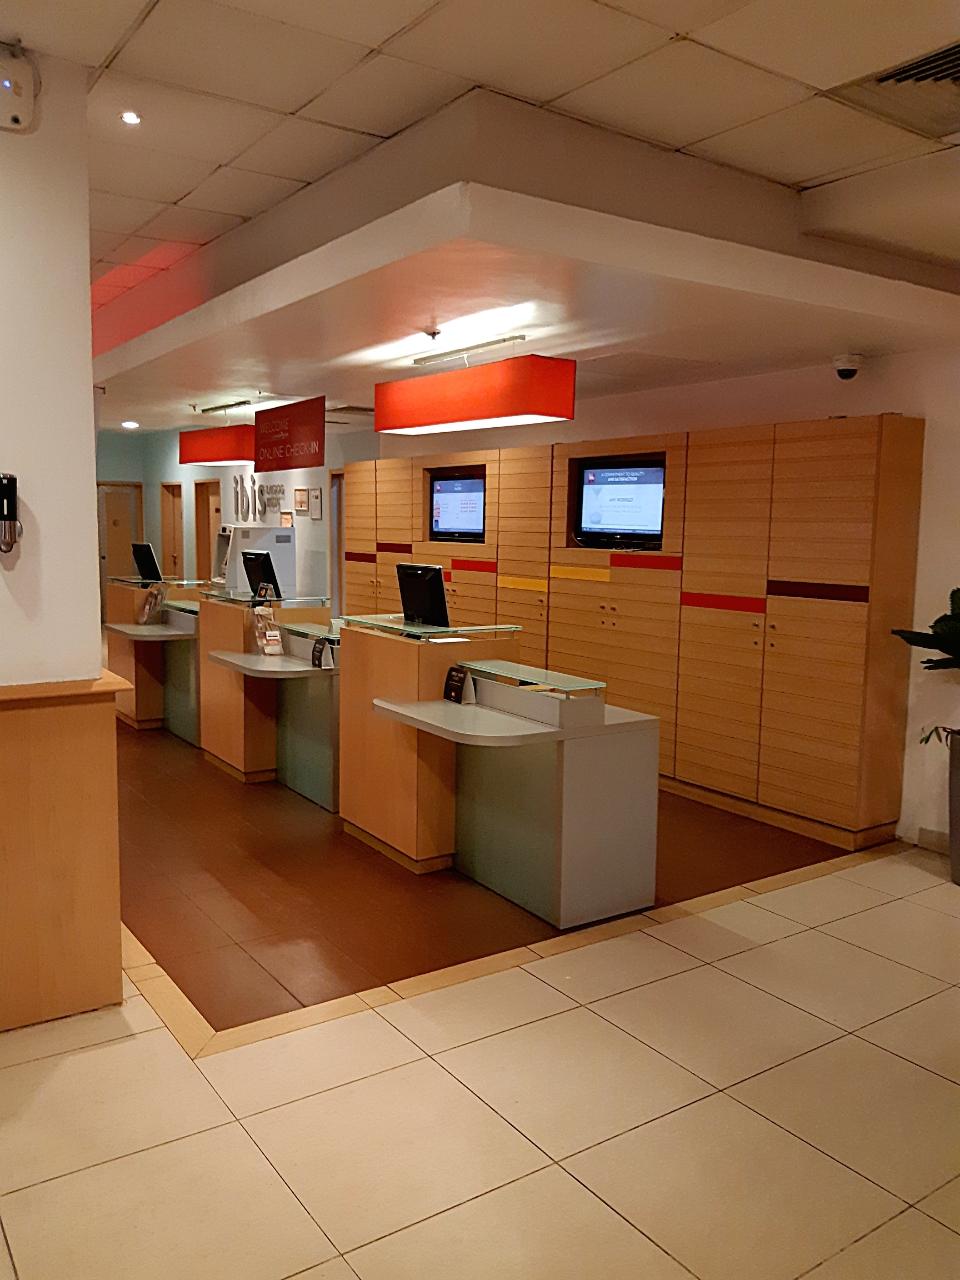 Transit stay at ibis hotel Lagos